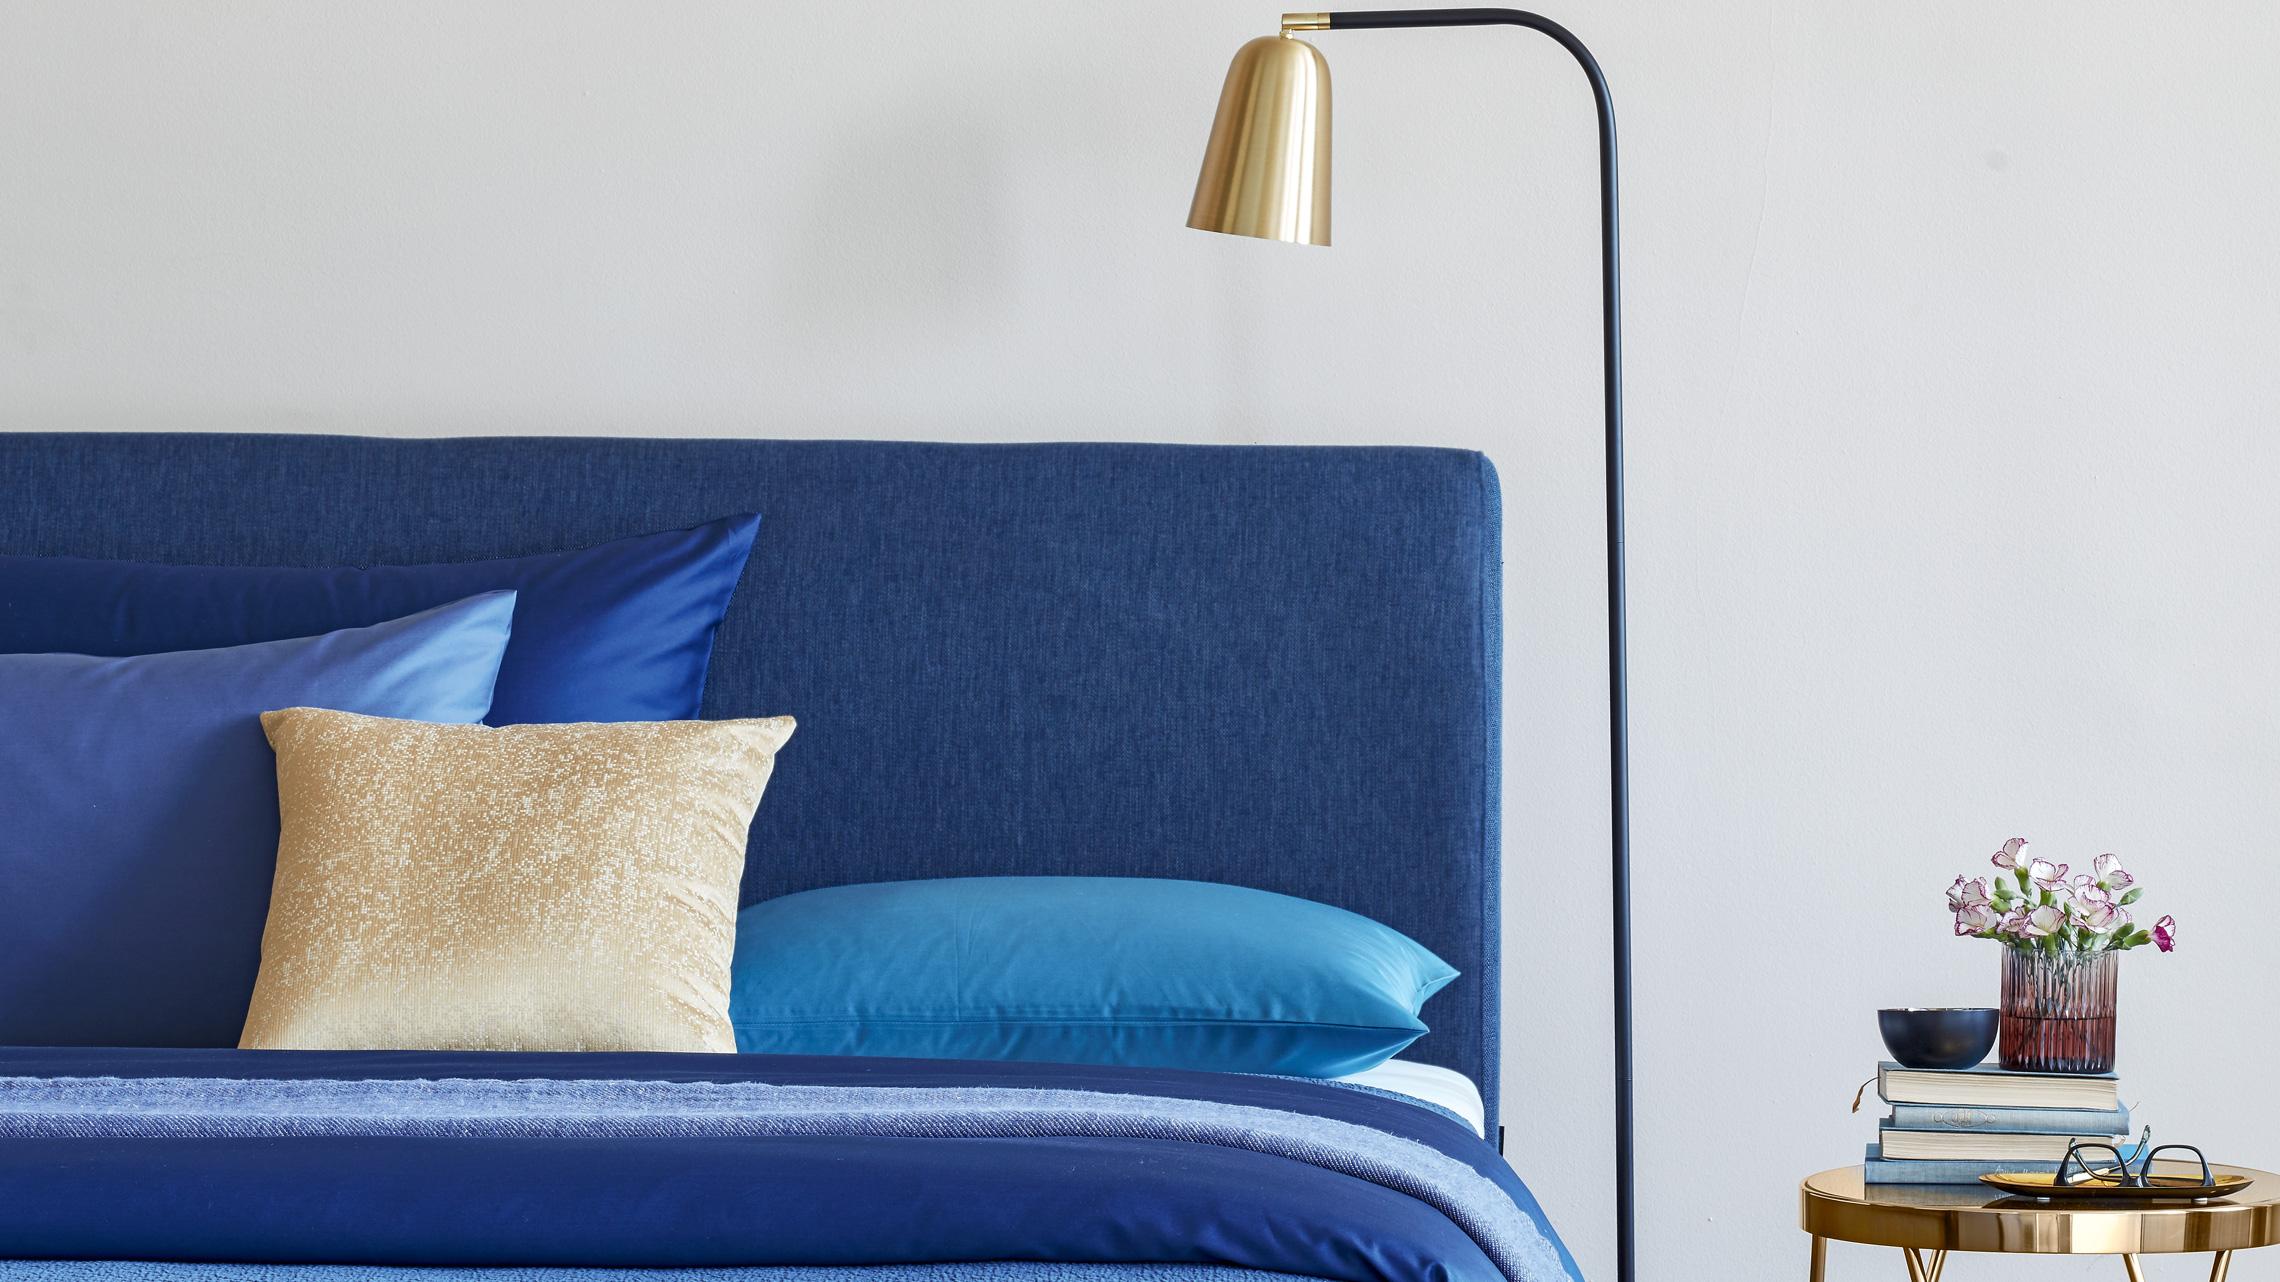 Schlafzimmer möbel pfister  Schlafzimmermöbel online kaufen · Pfister